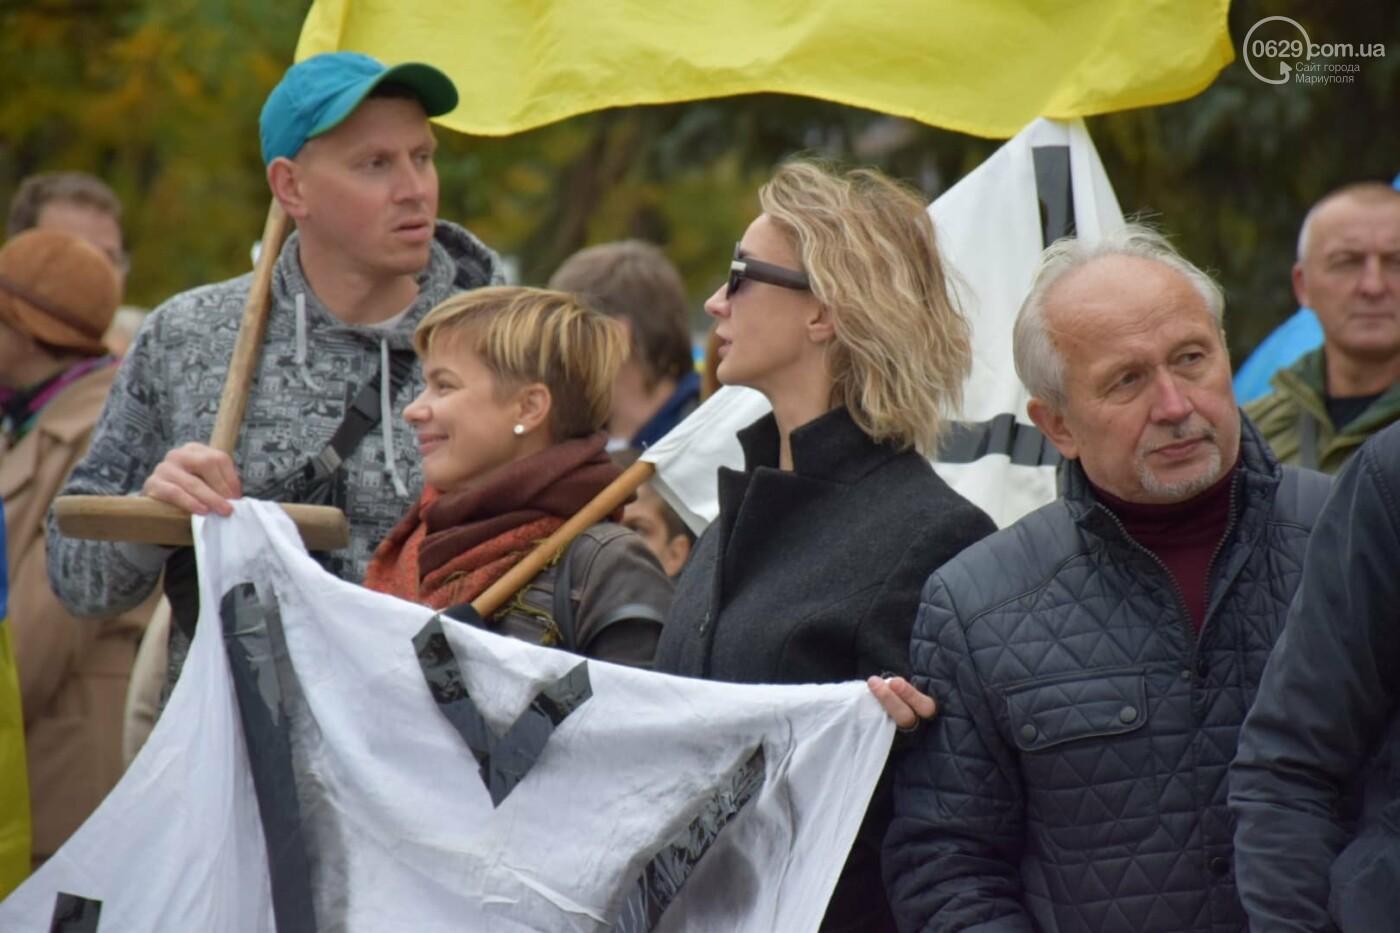 #НiКапітуляції. В Мариуполе прошел митинг против формулы Штайнмайера, - ФОТОРЕПОРТАЖ, фото-19